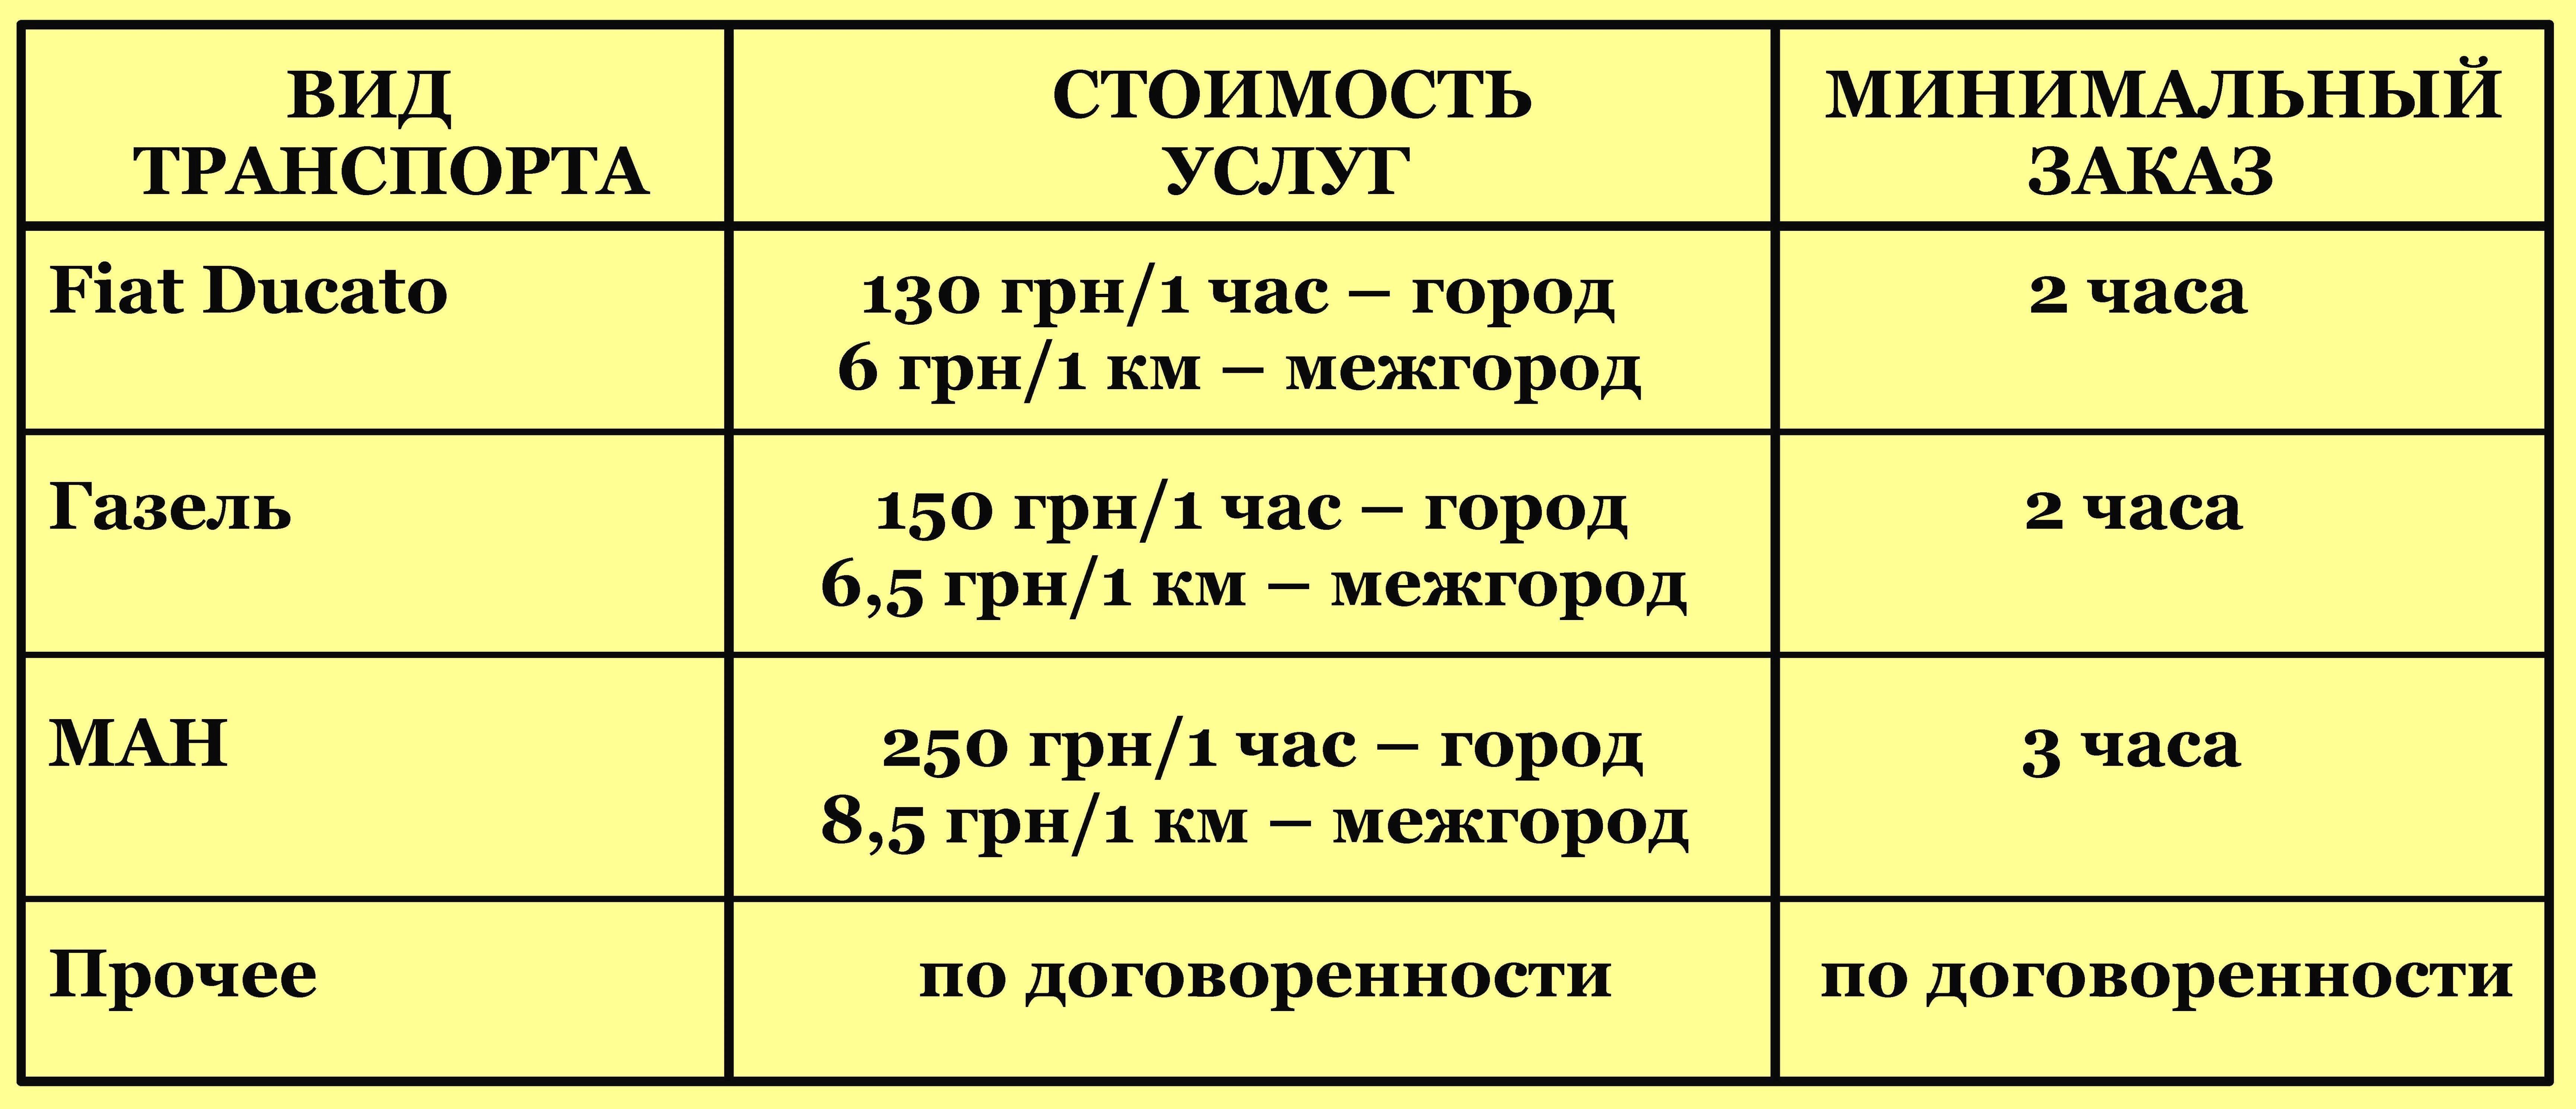 stoimost_3